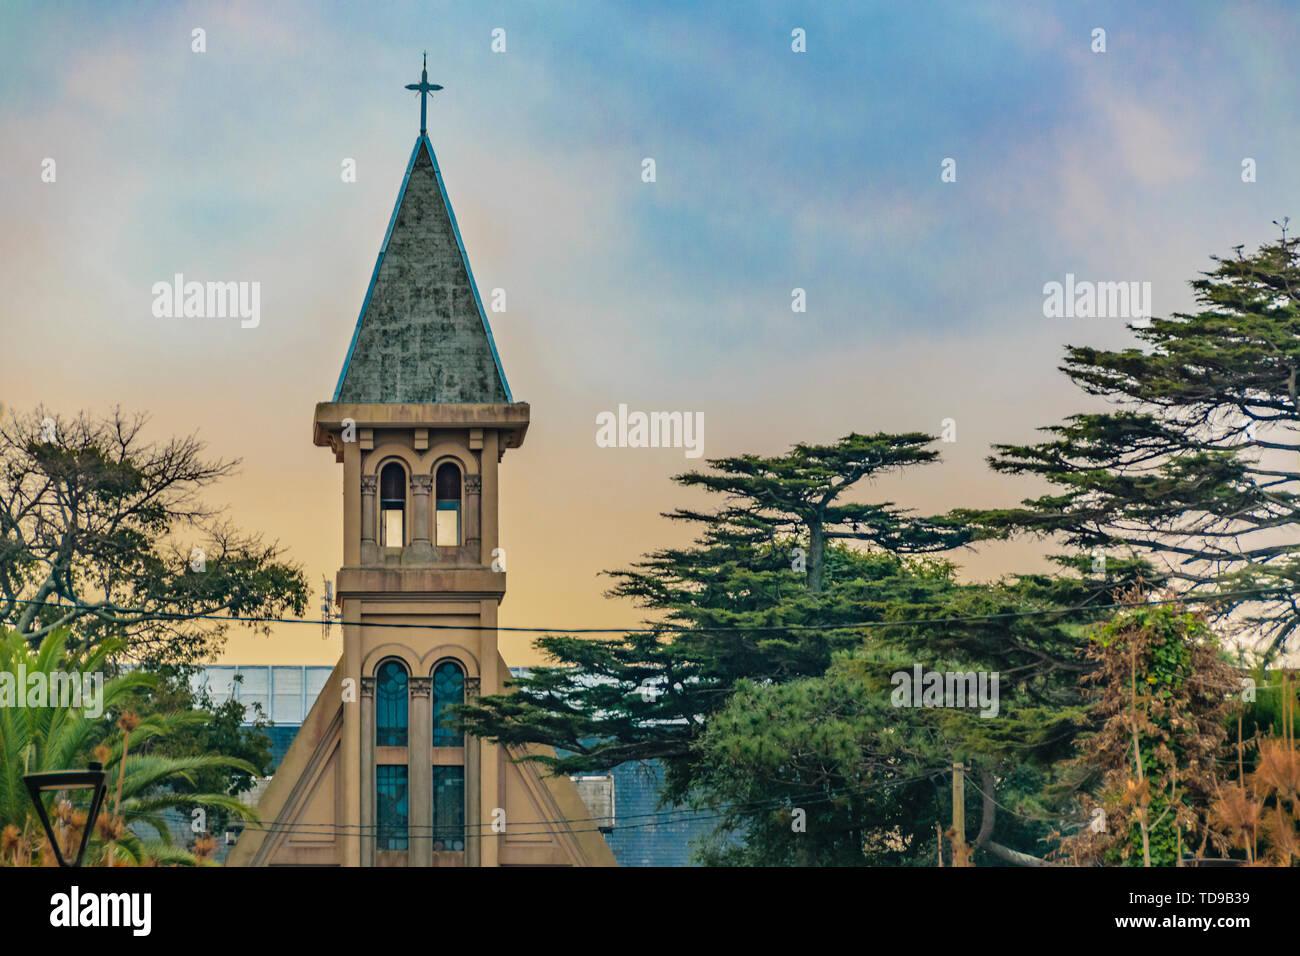 Clocher de l'Église du ciel de l'après-midi, quartier de Carrasco, Montevideo, Uruguay Photo Stock